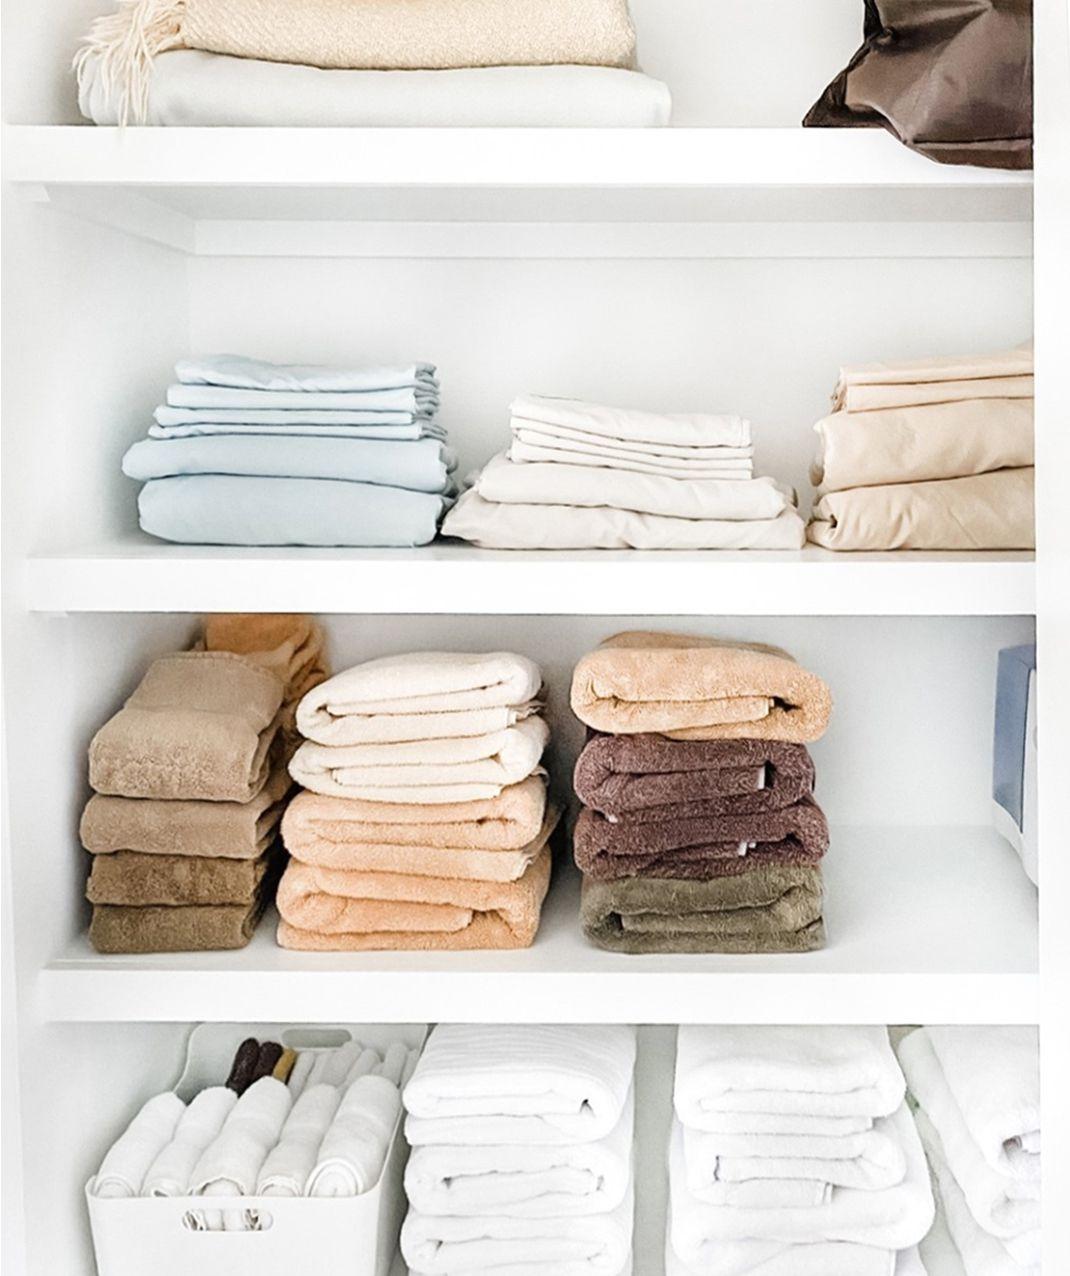 neatly folded linens